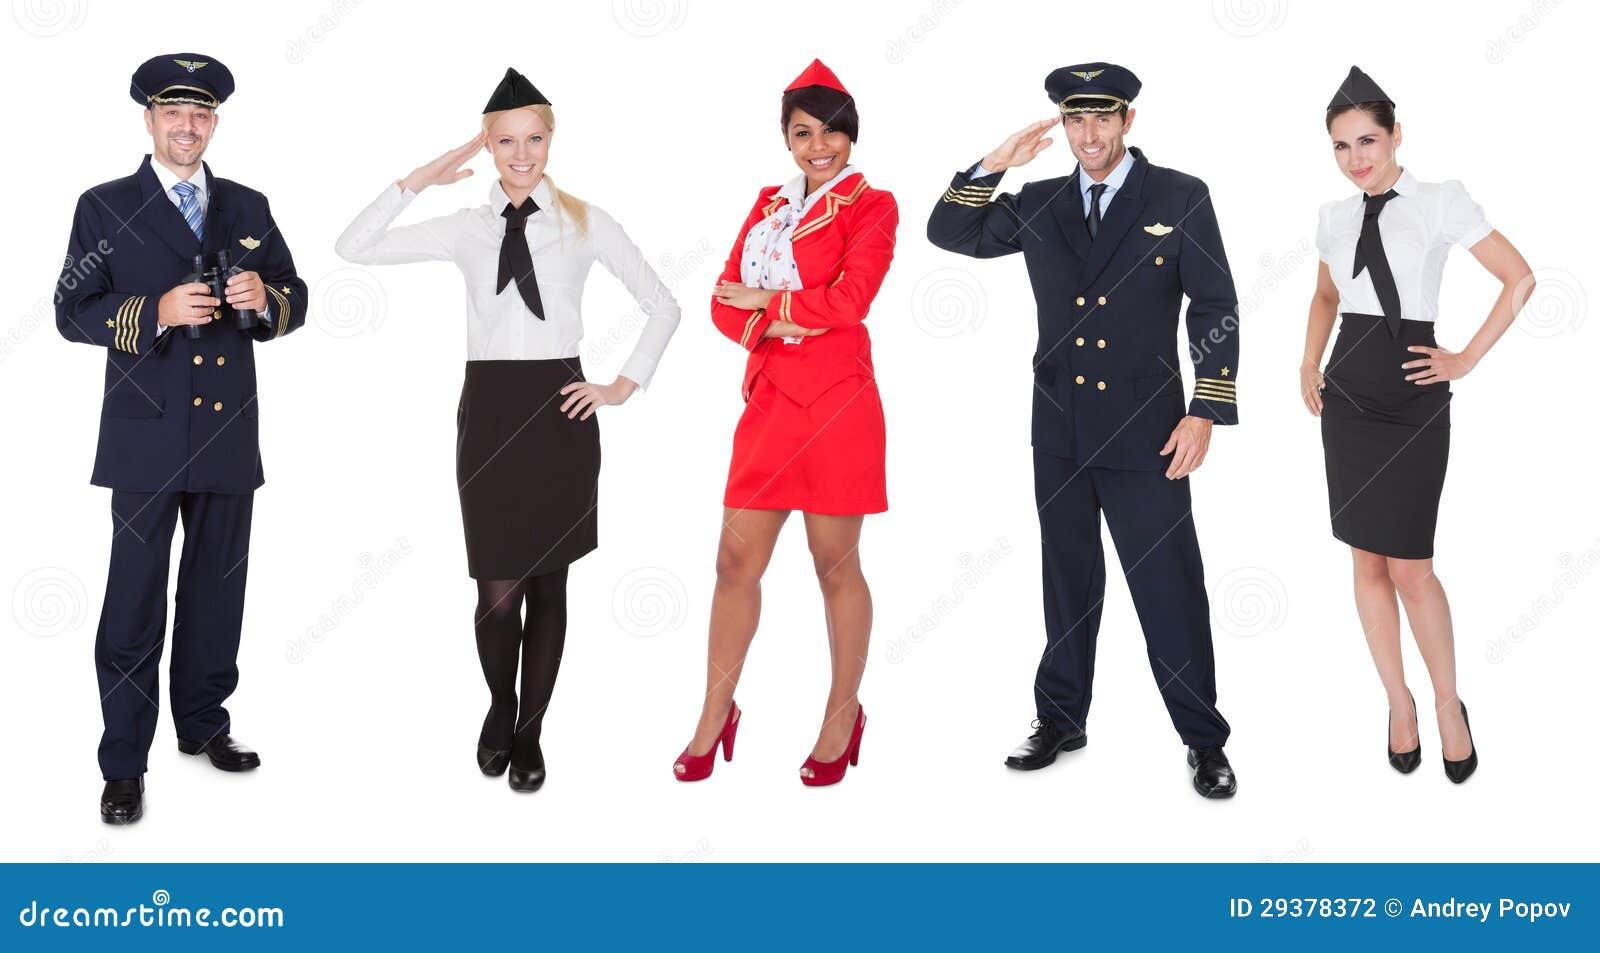 机组乘务员成员,飞行员,空中小姐